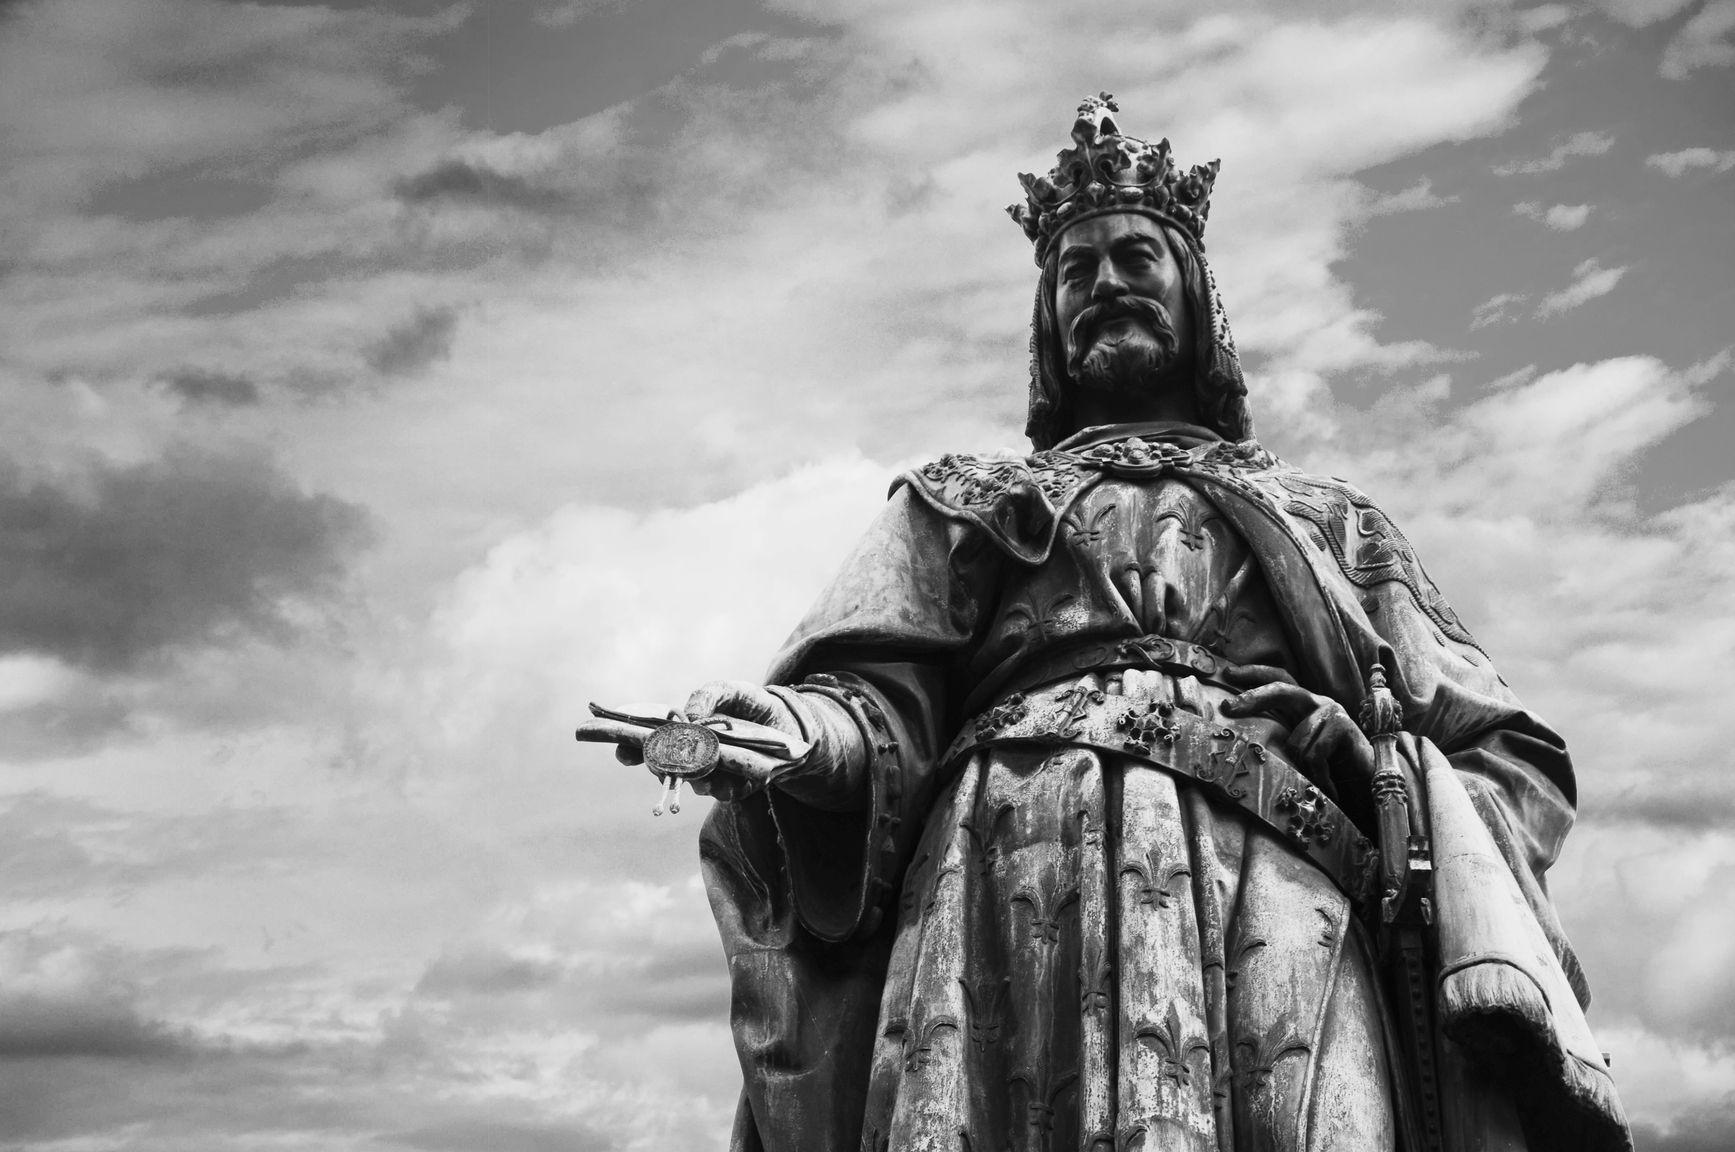 Korunovační jízda Karla IV. před 660 lety